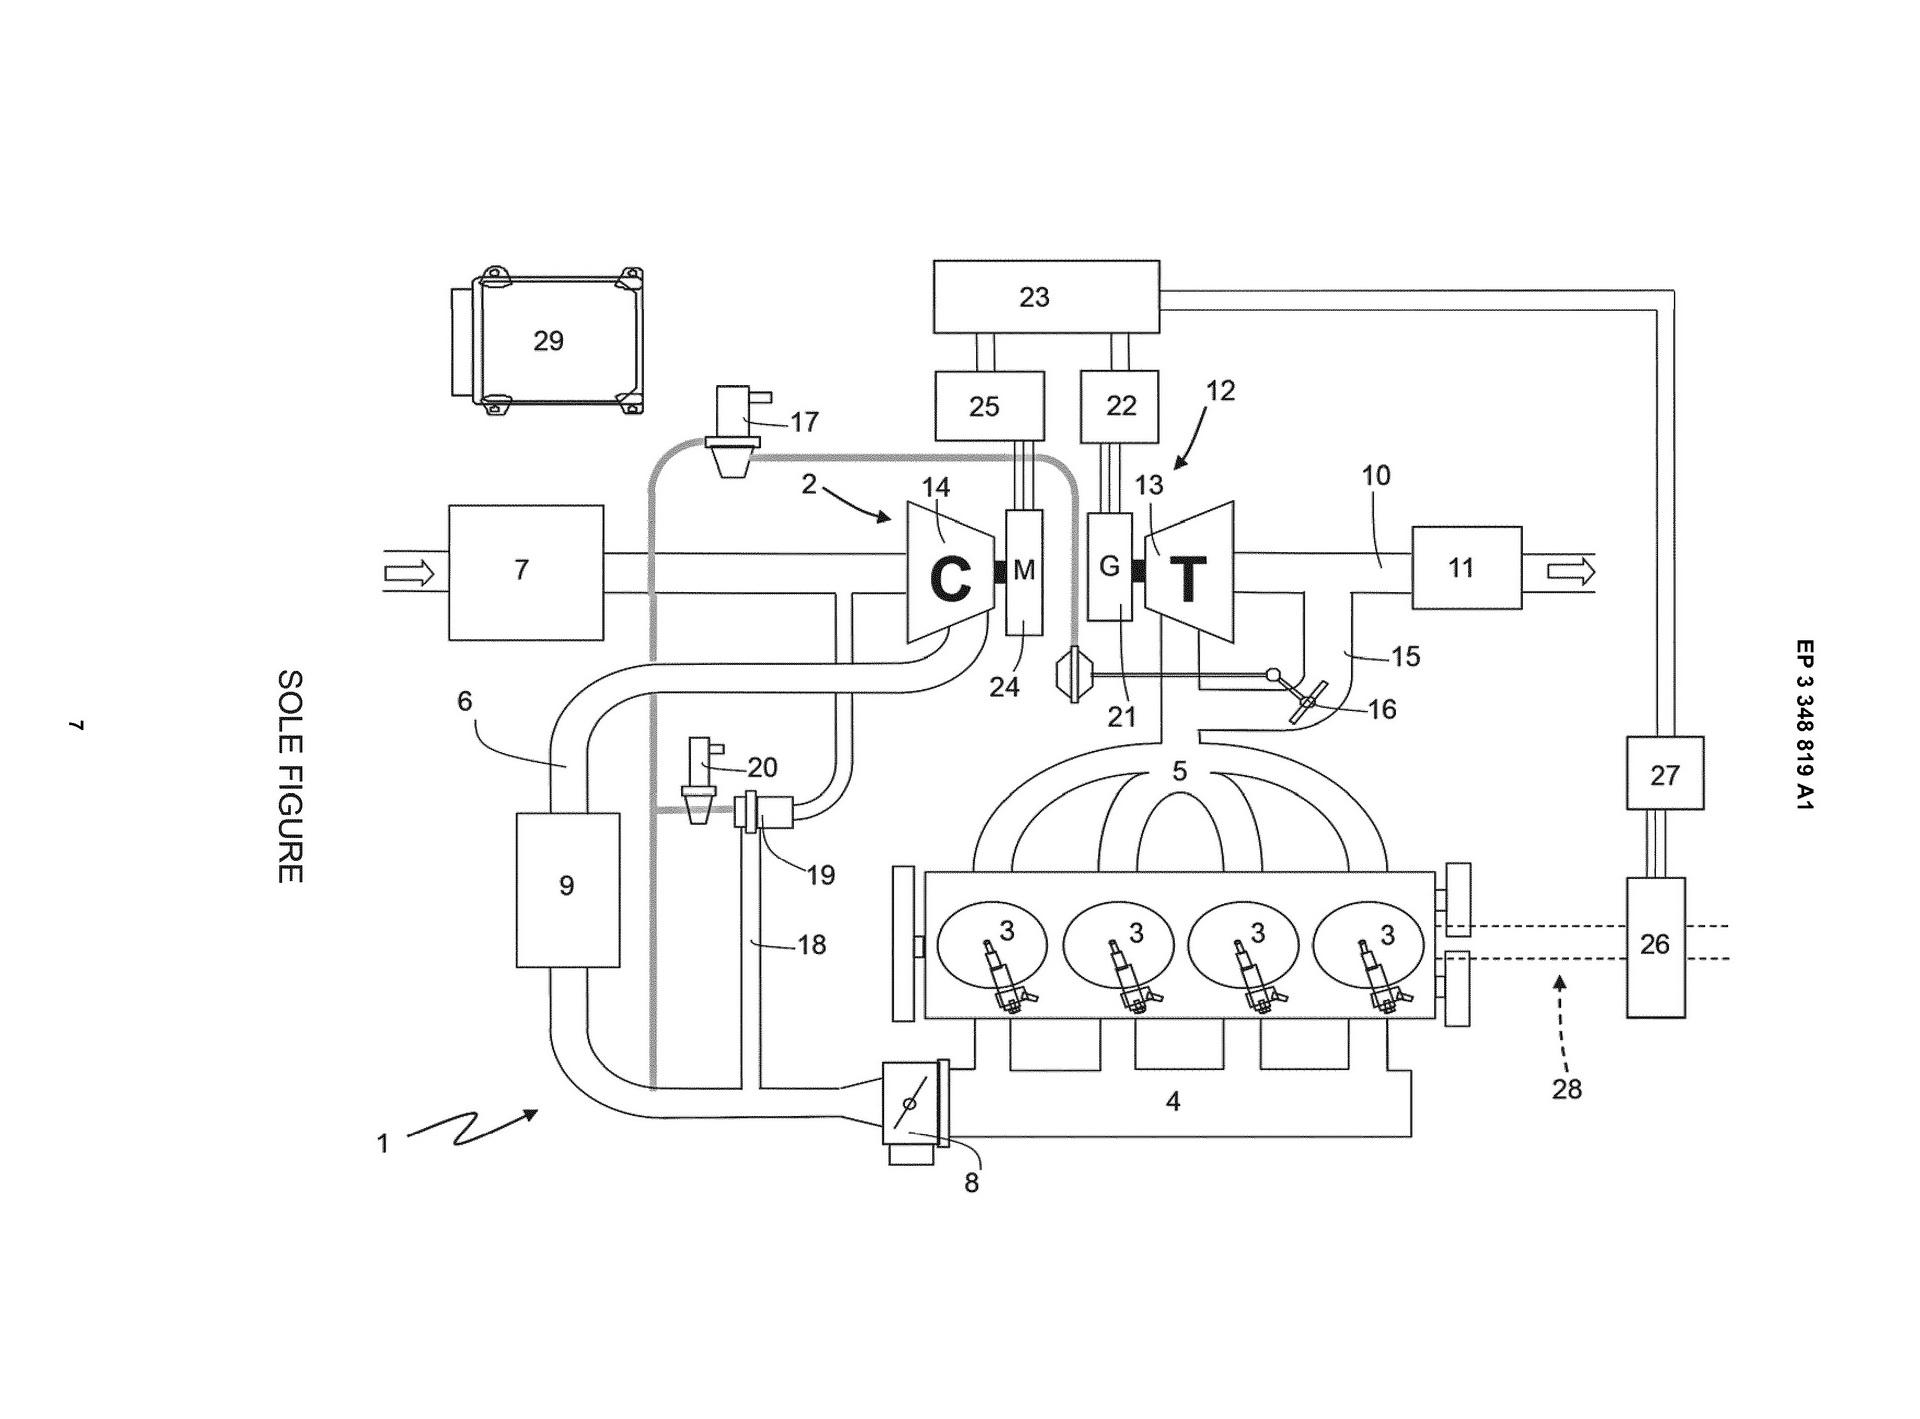 Wrg Ferrari Engine Schematics